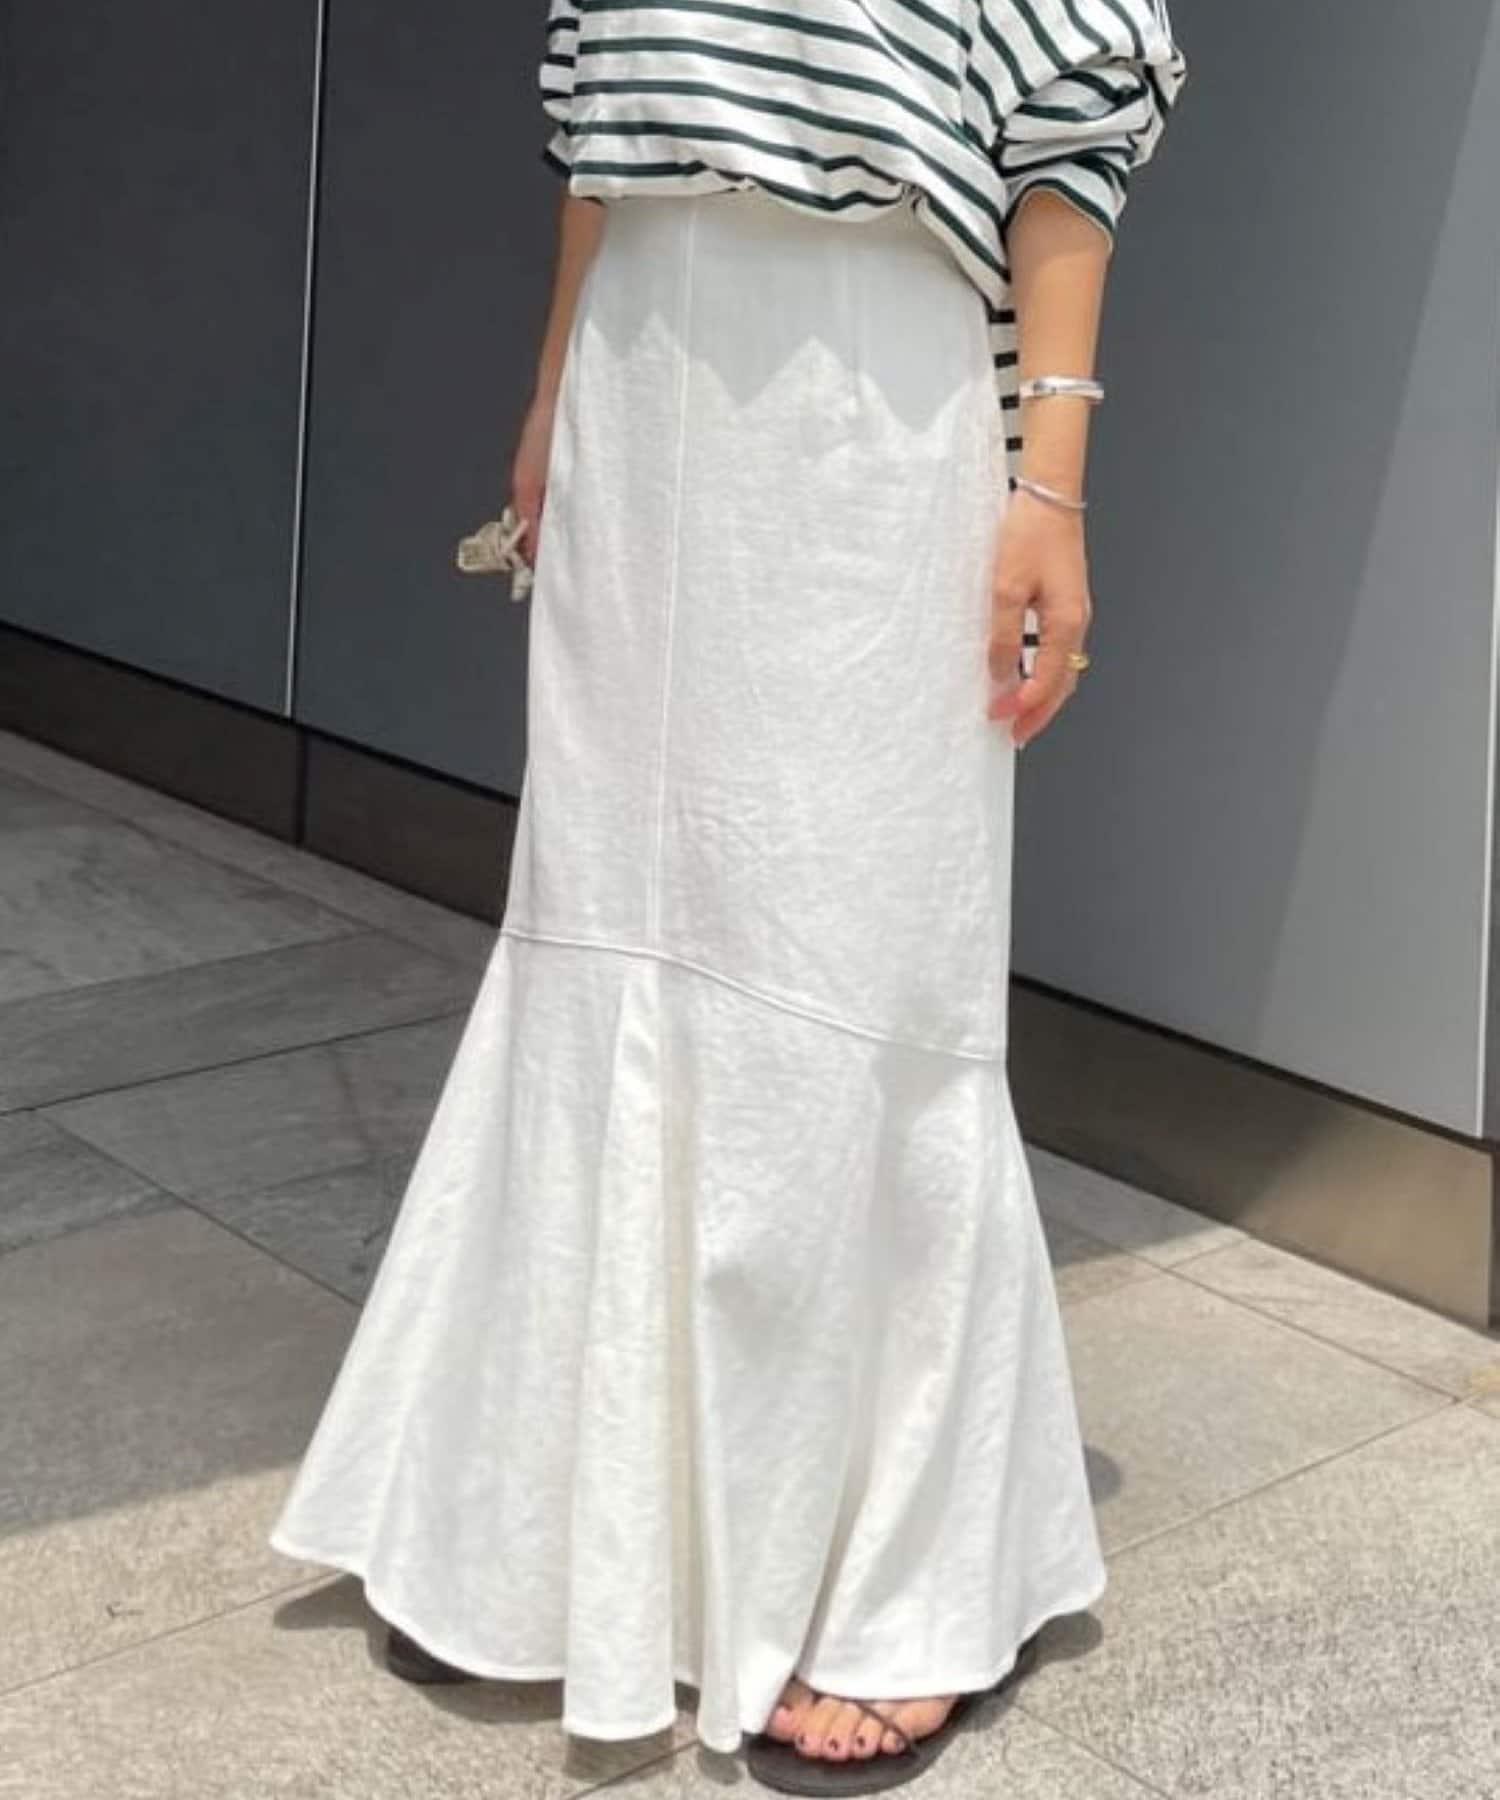 SHENERY(シーナリー) リネン混ペプラムマーメイドスカート